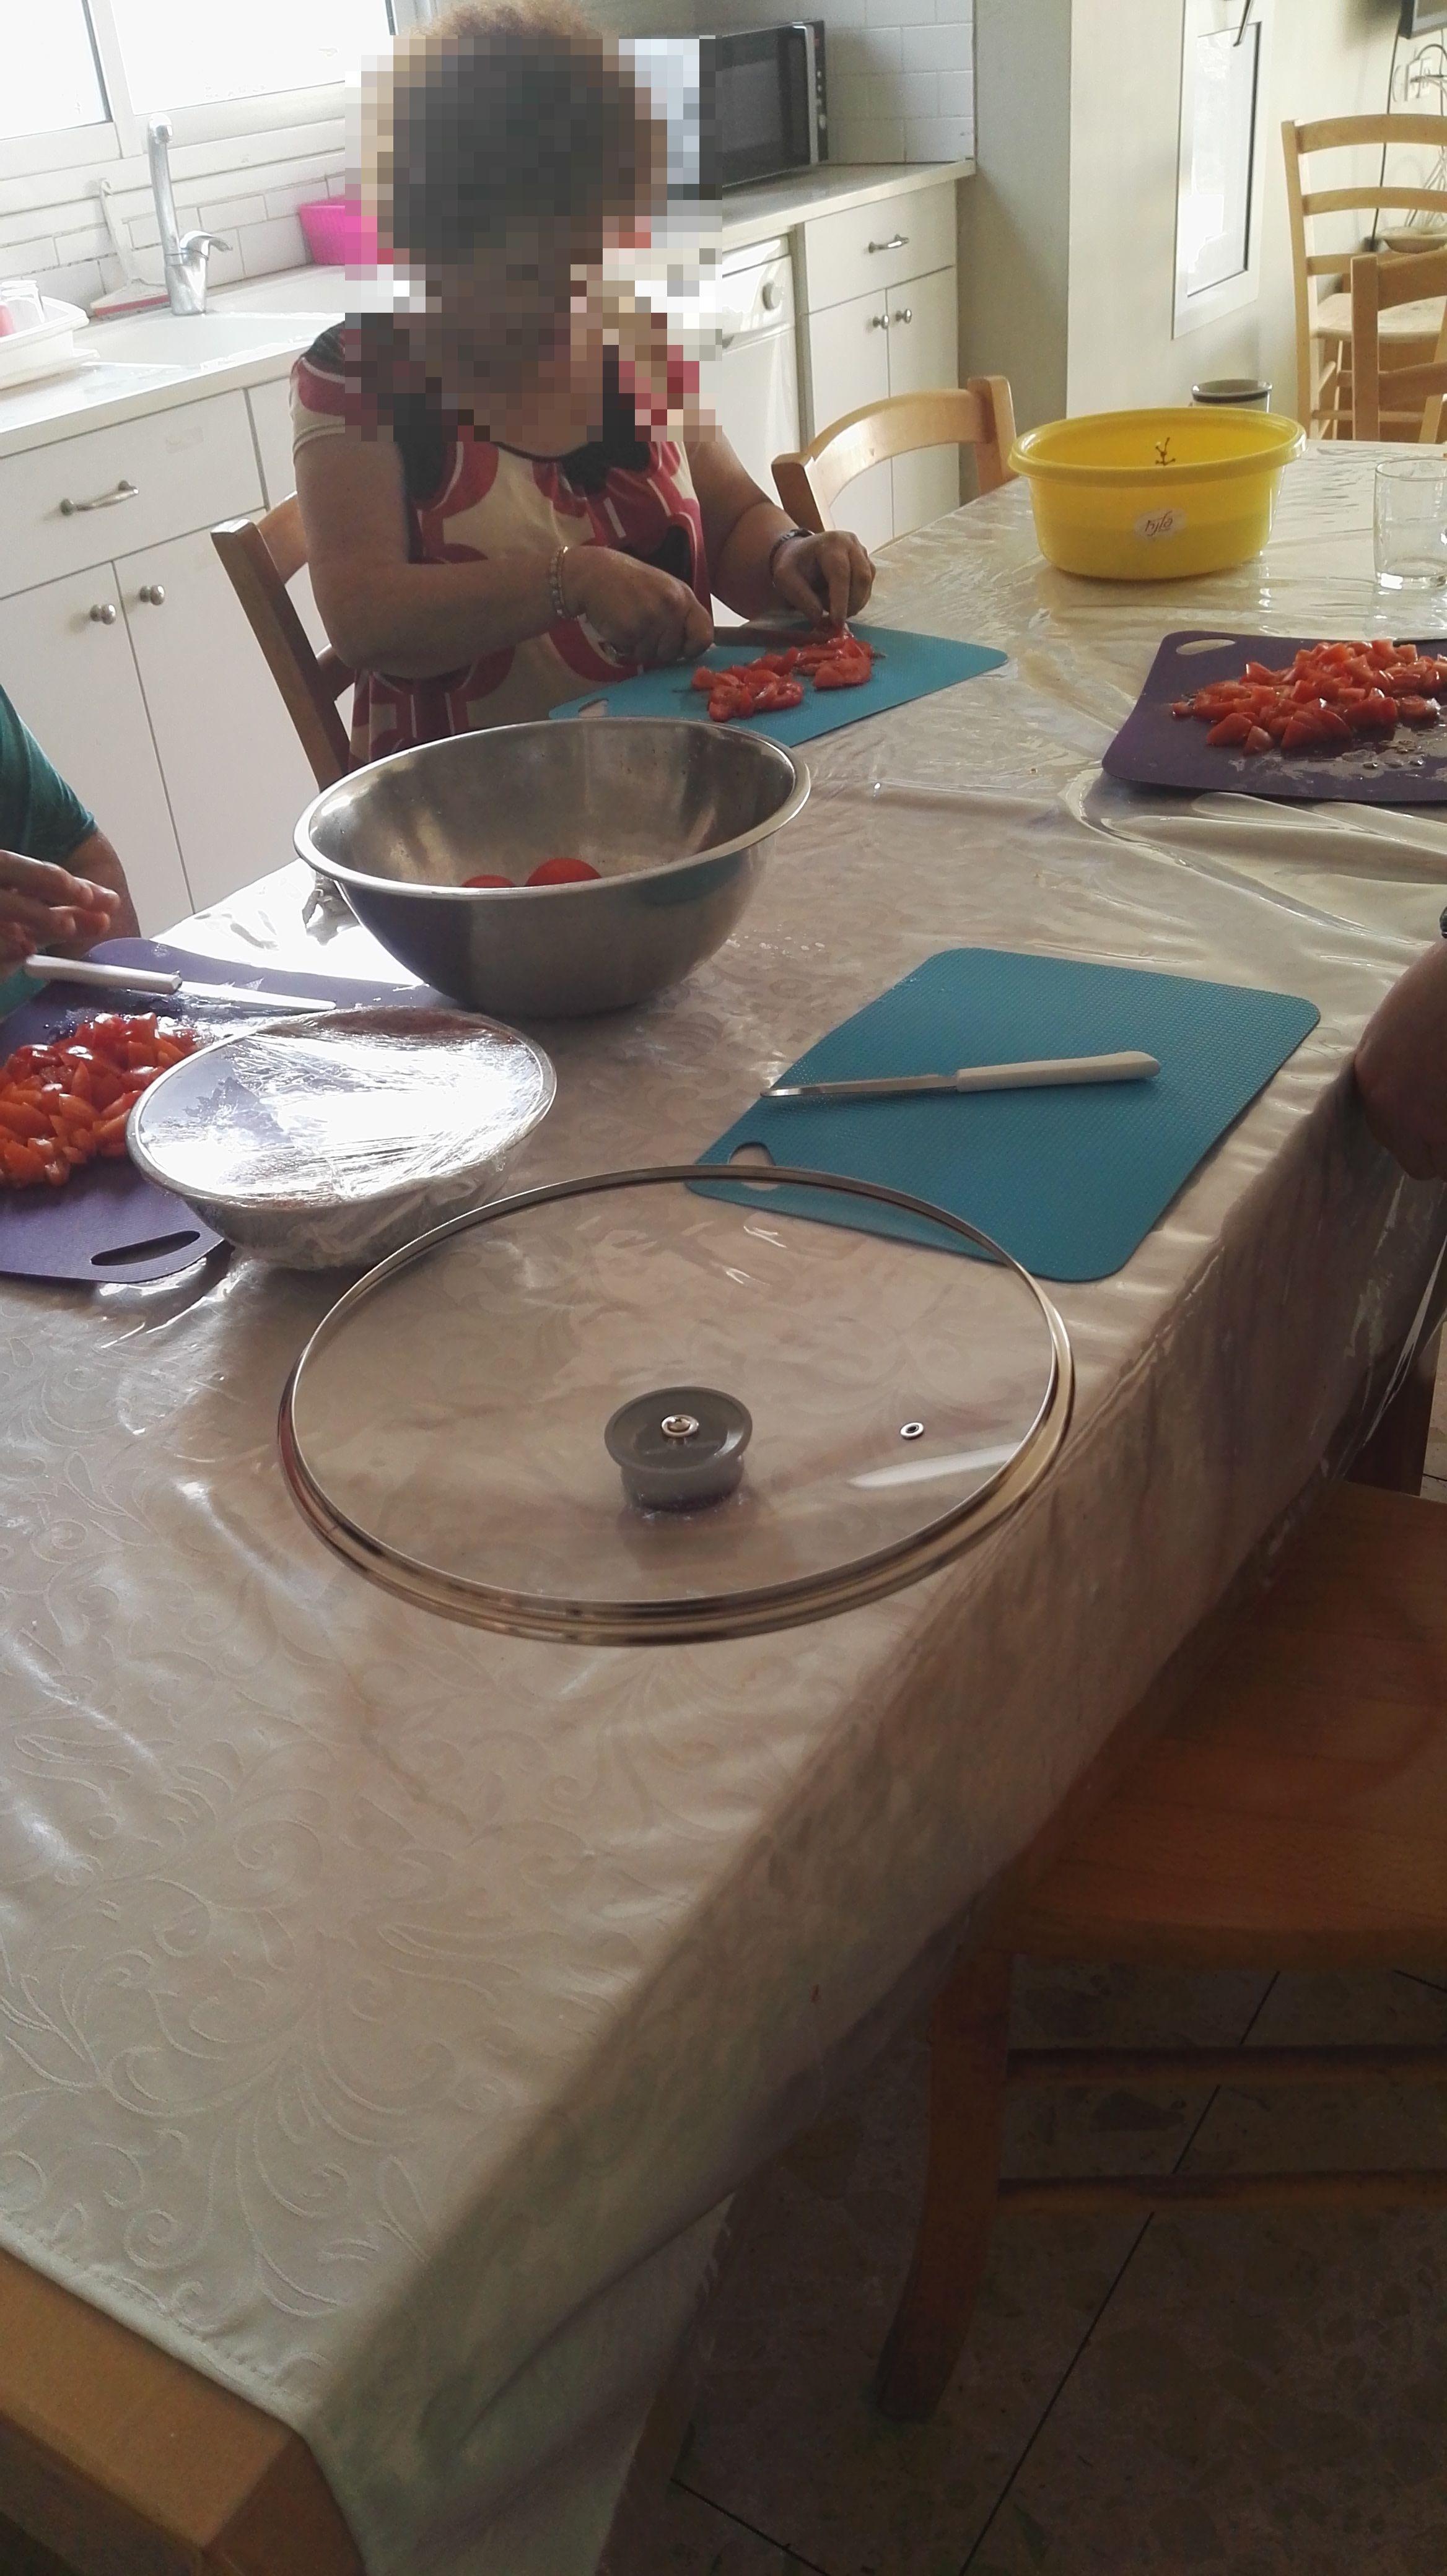 חוג בישול קהילה תומכת עוז פתח תקווה (3)